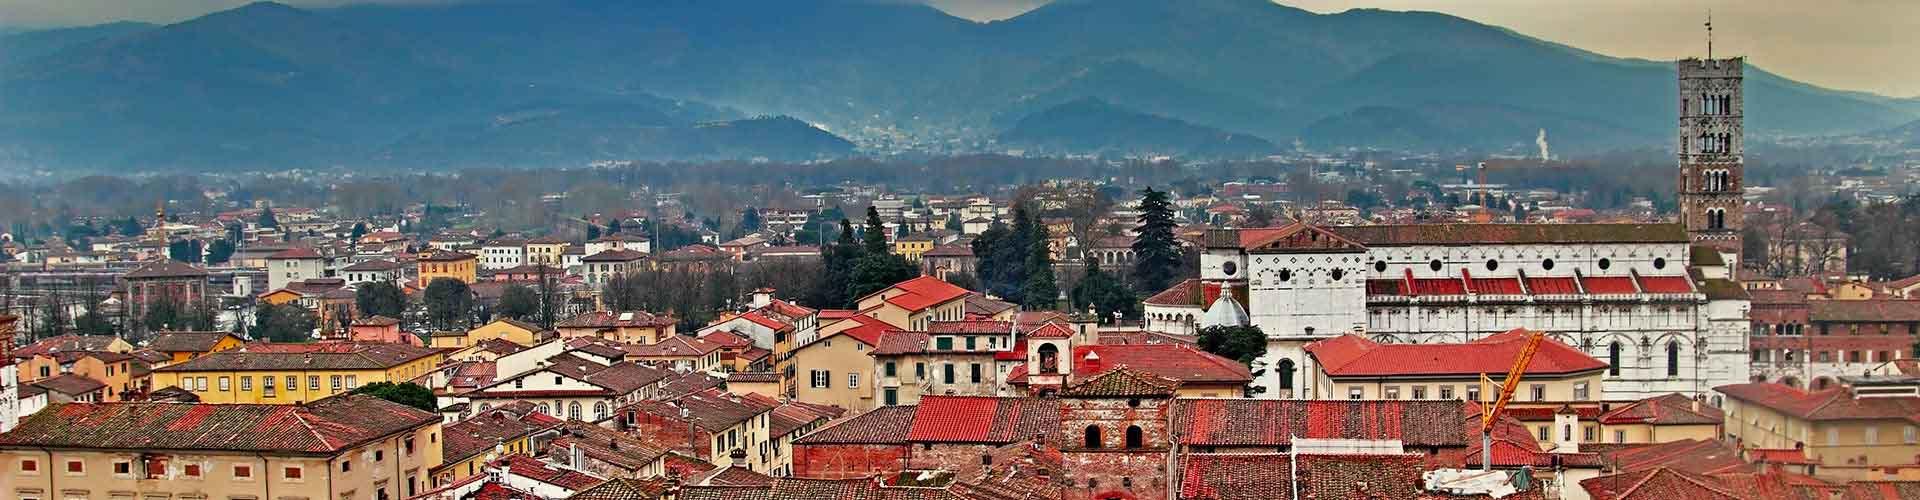 Lucca - Appartments à Lucca. Cartes pour Lucca, photos et commentaires pour chaque appartement à Lucca.